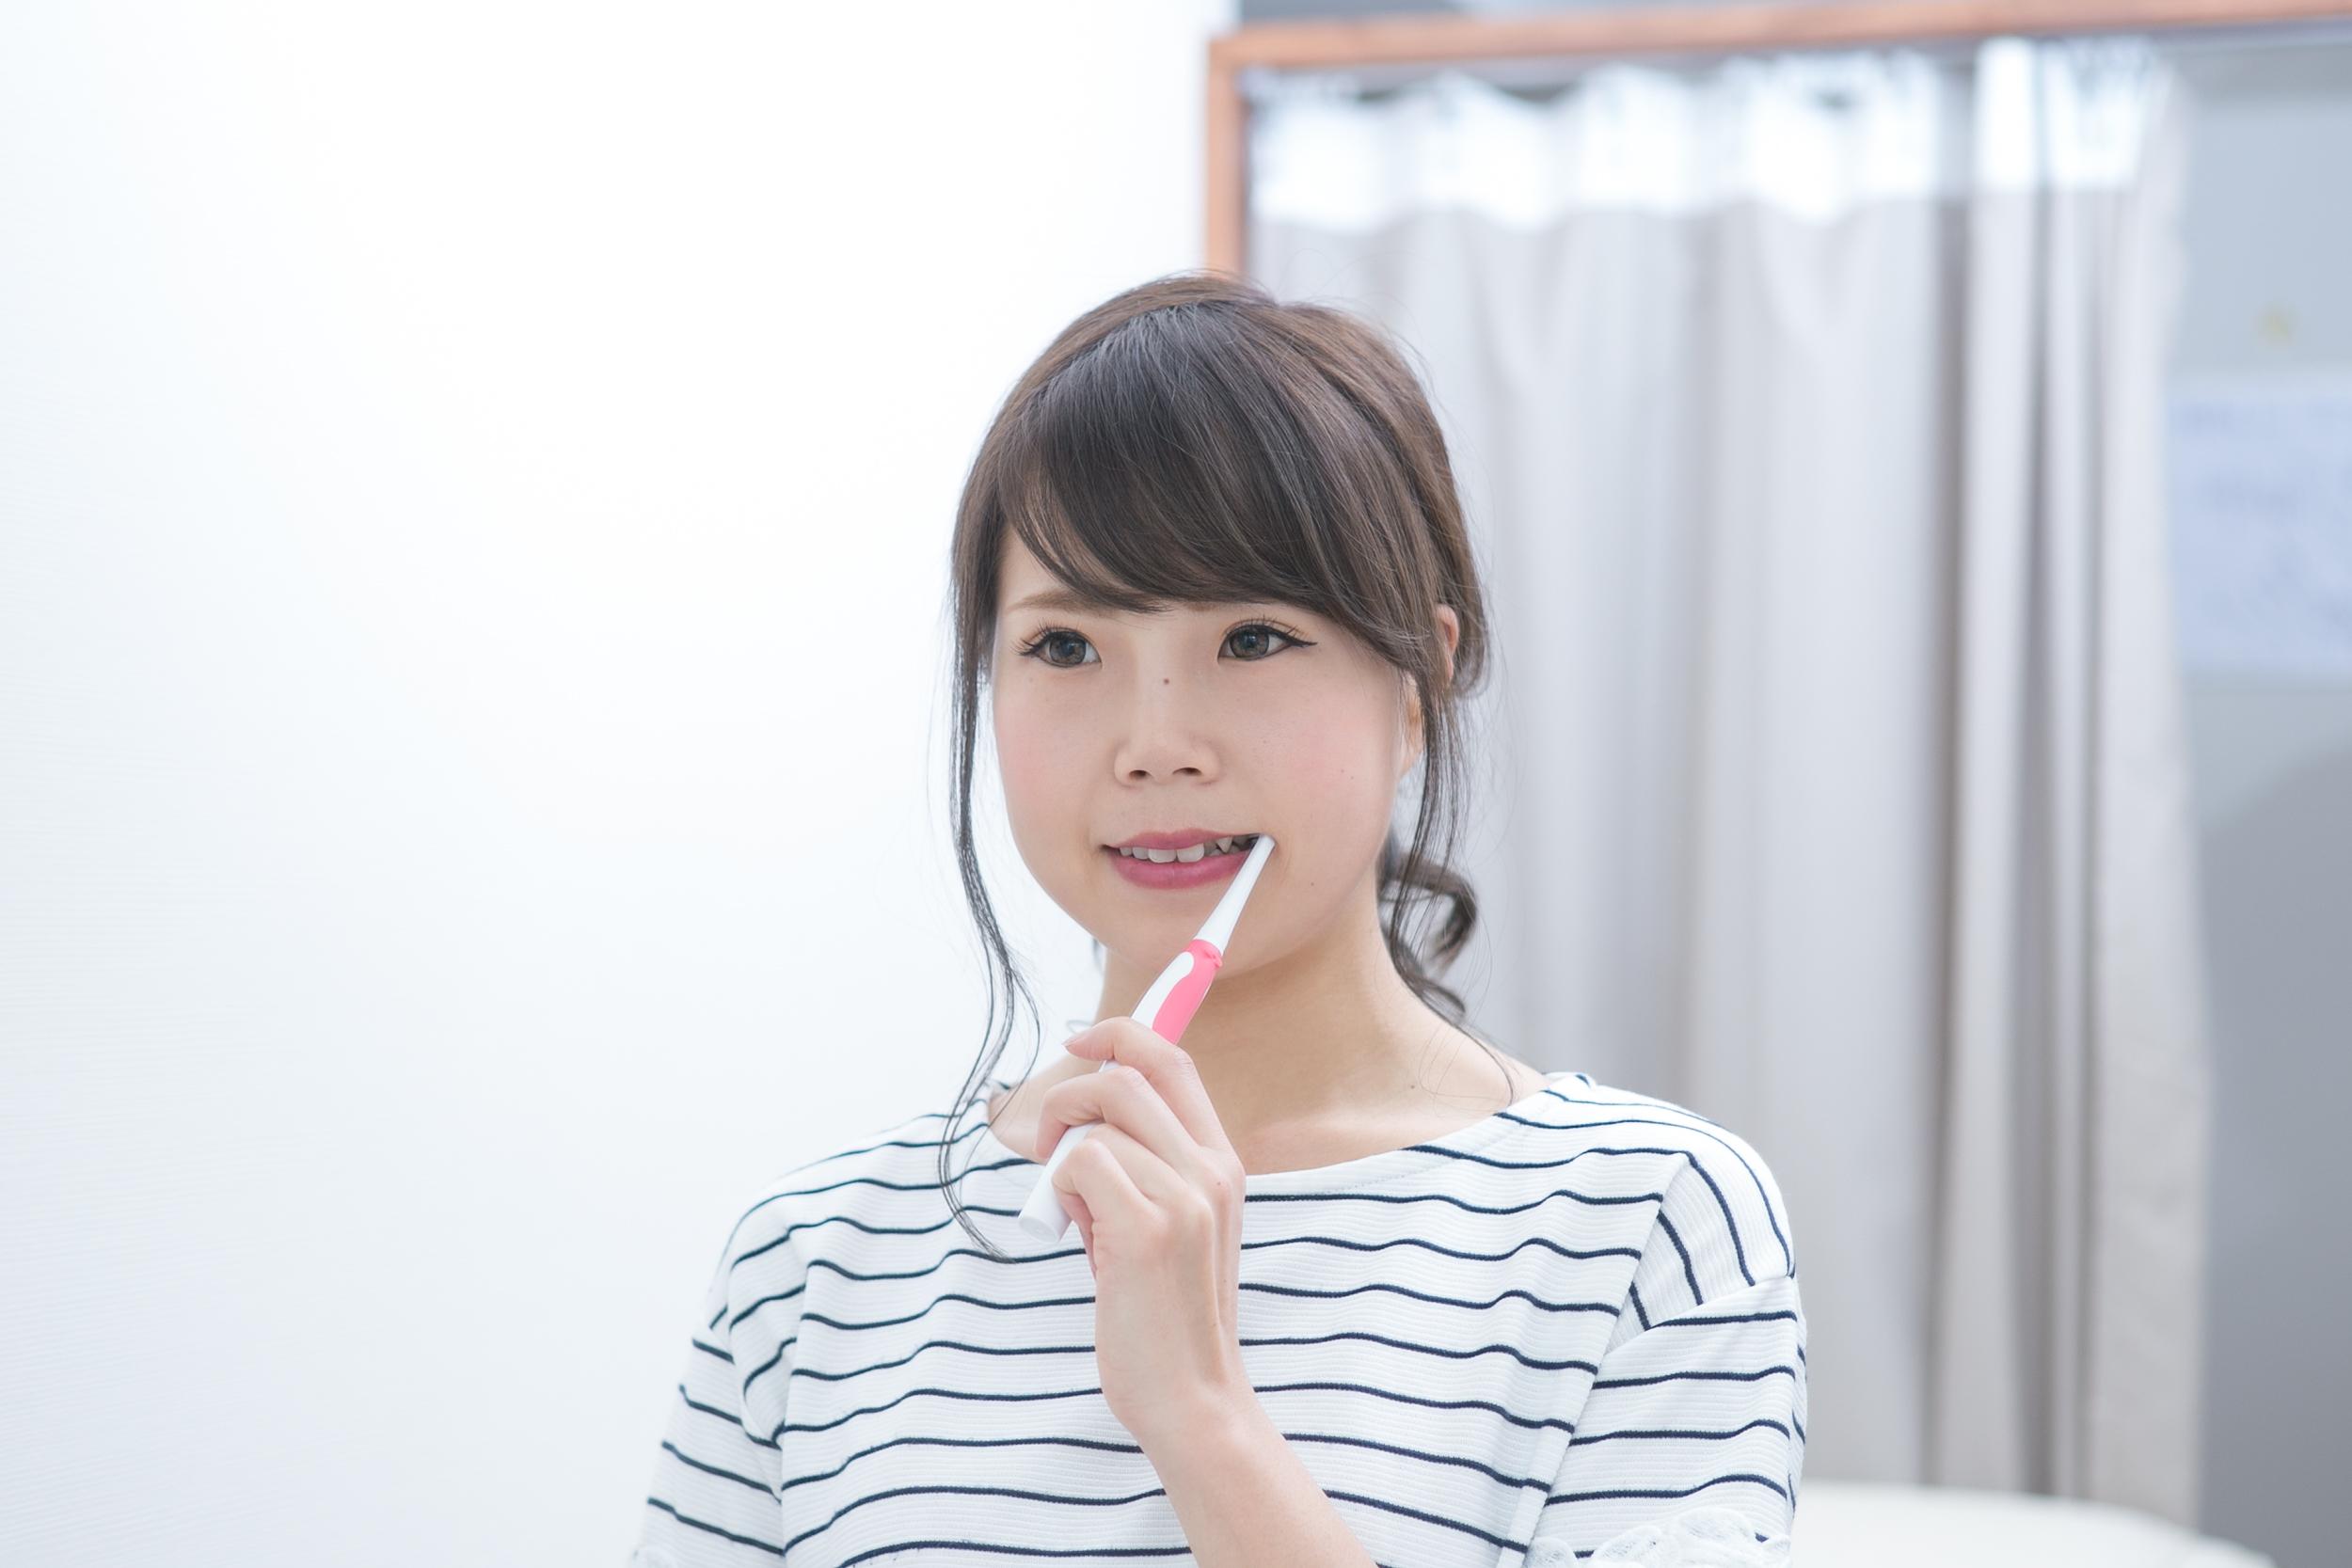 歯の白さを保つコツ。~歯磨き編~